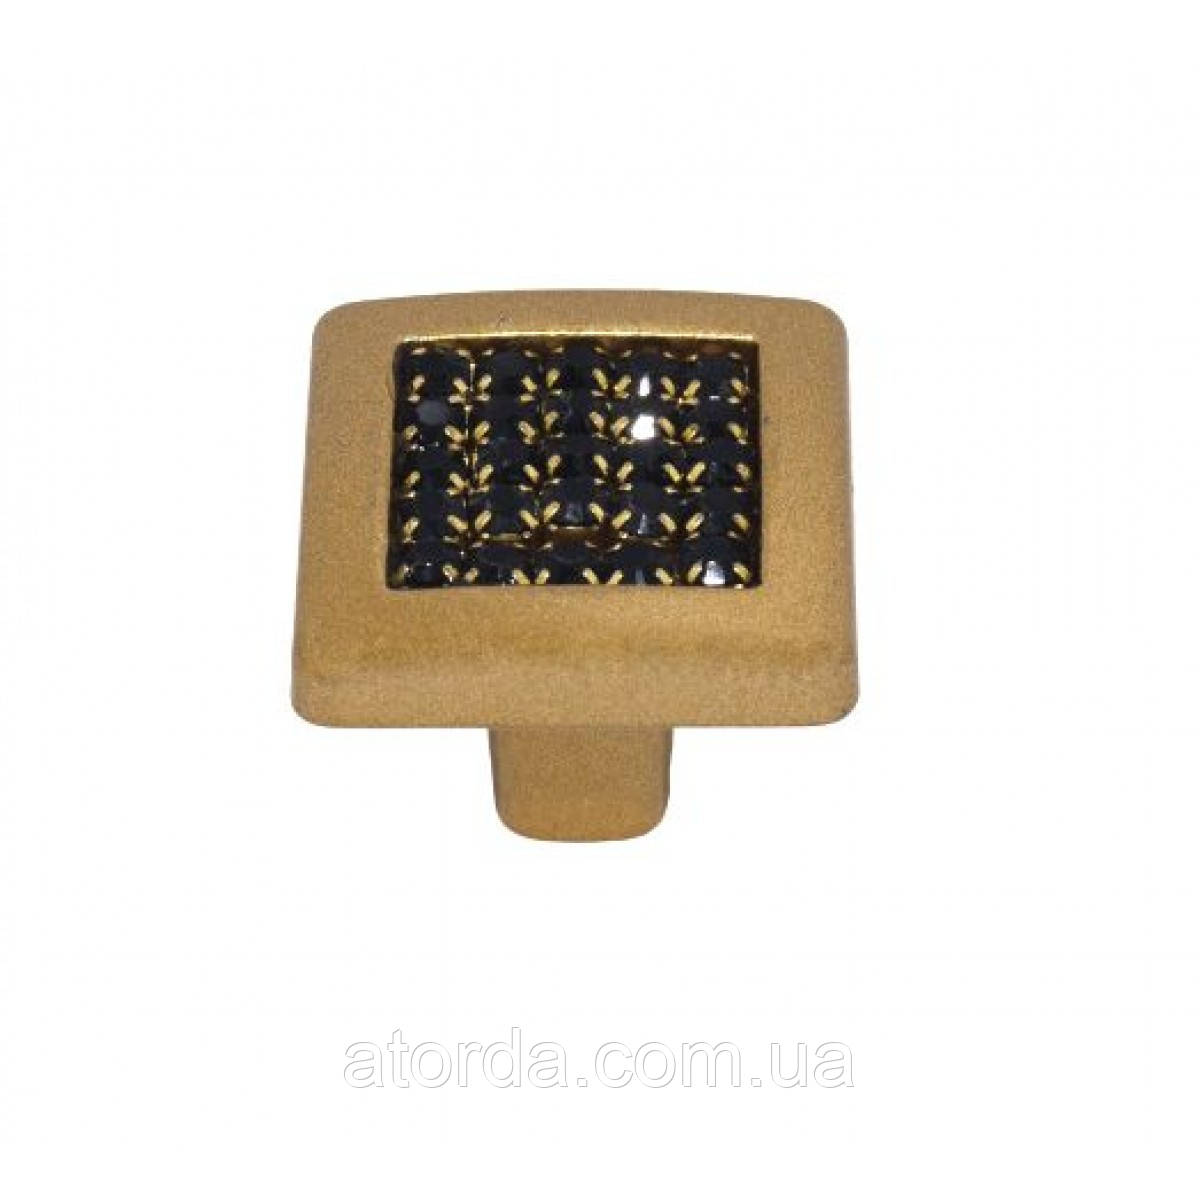 Ручка мебельная Ozkardesler MADRID DUGME 6065-04/04-011 Матовая Золото с черными камнями